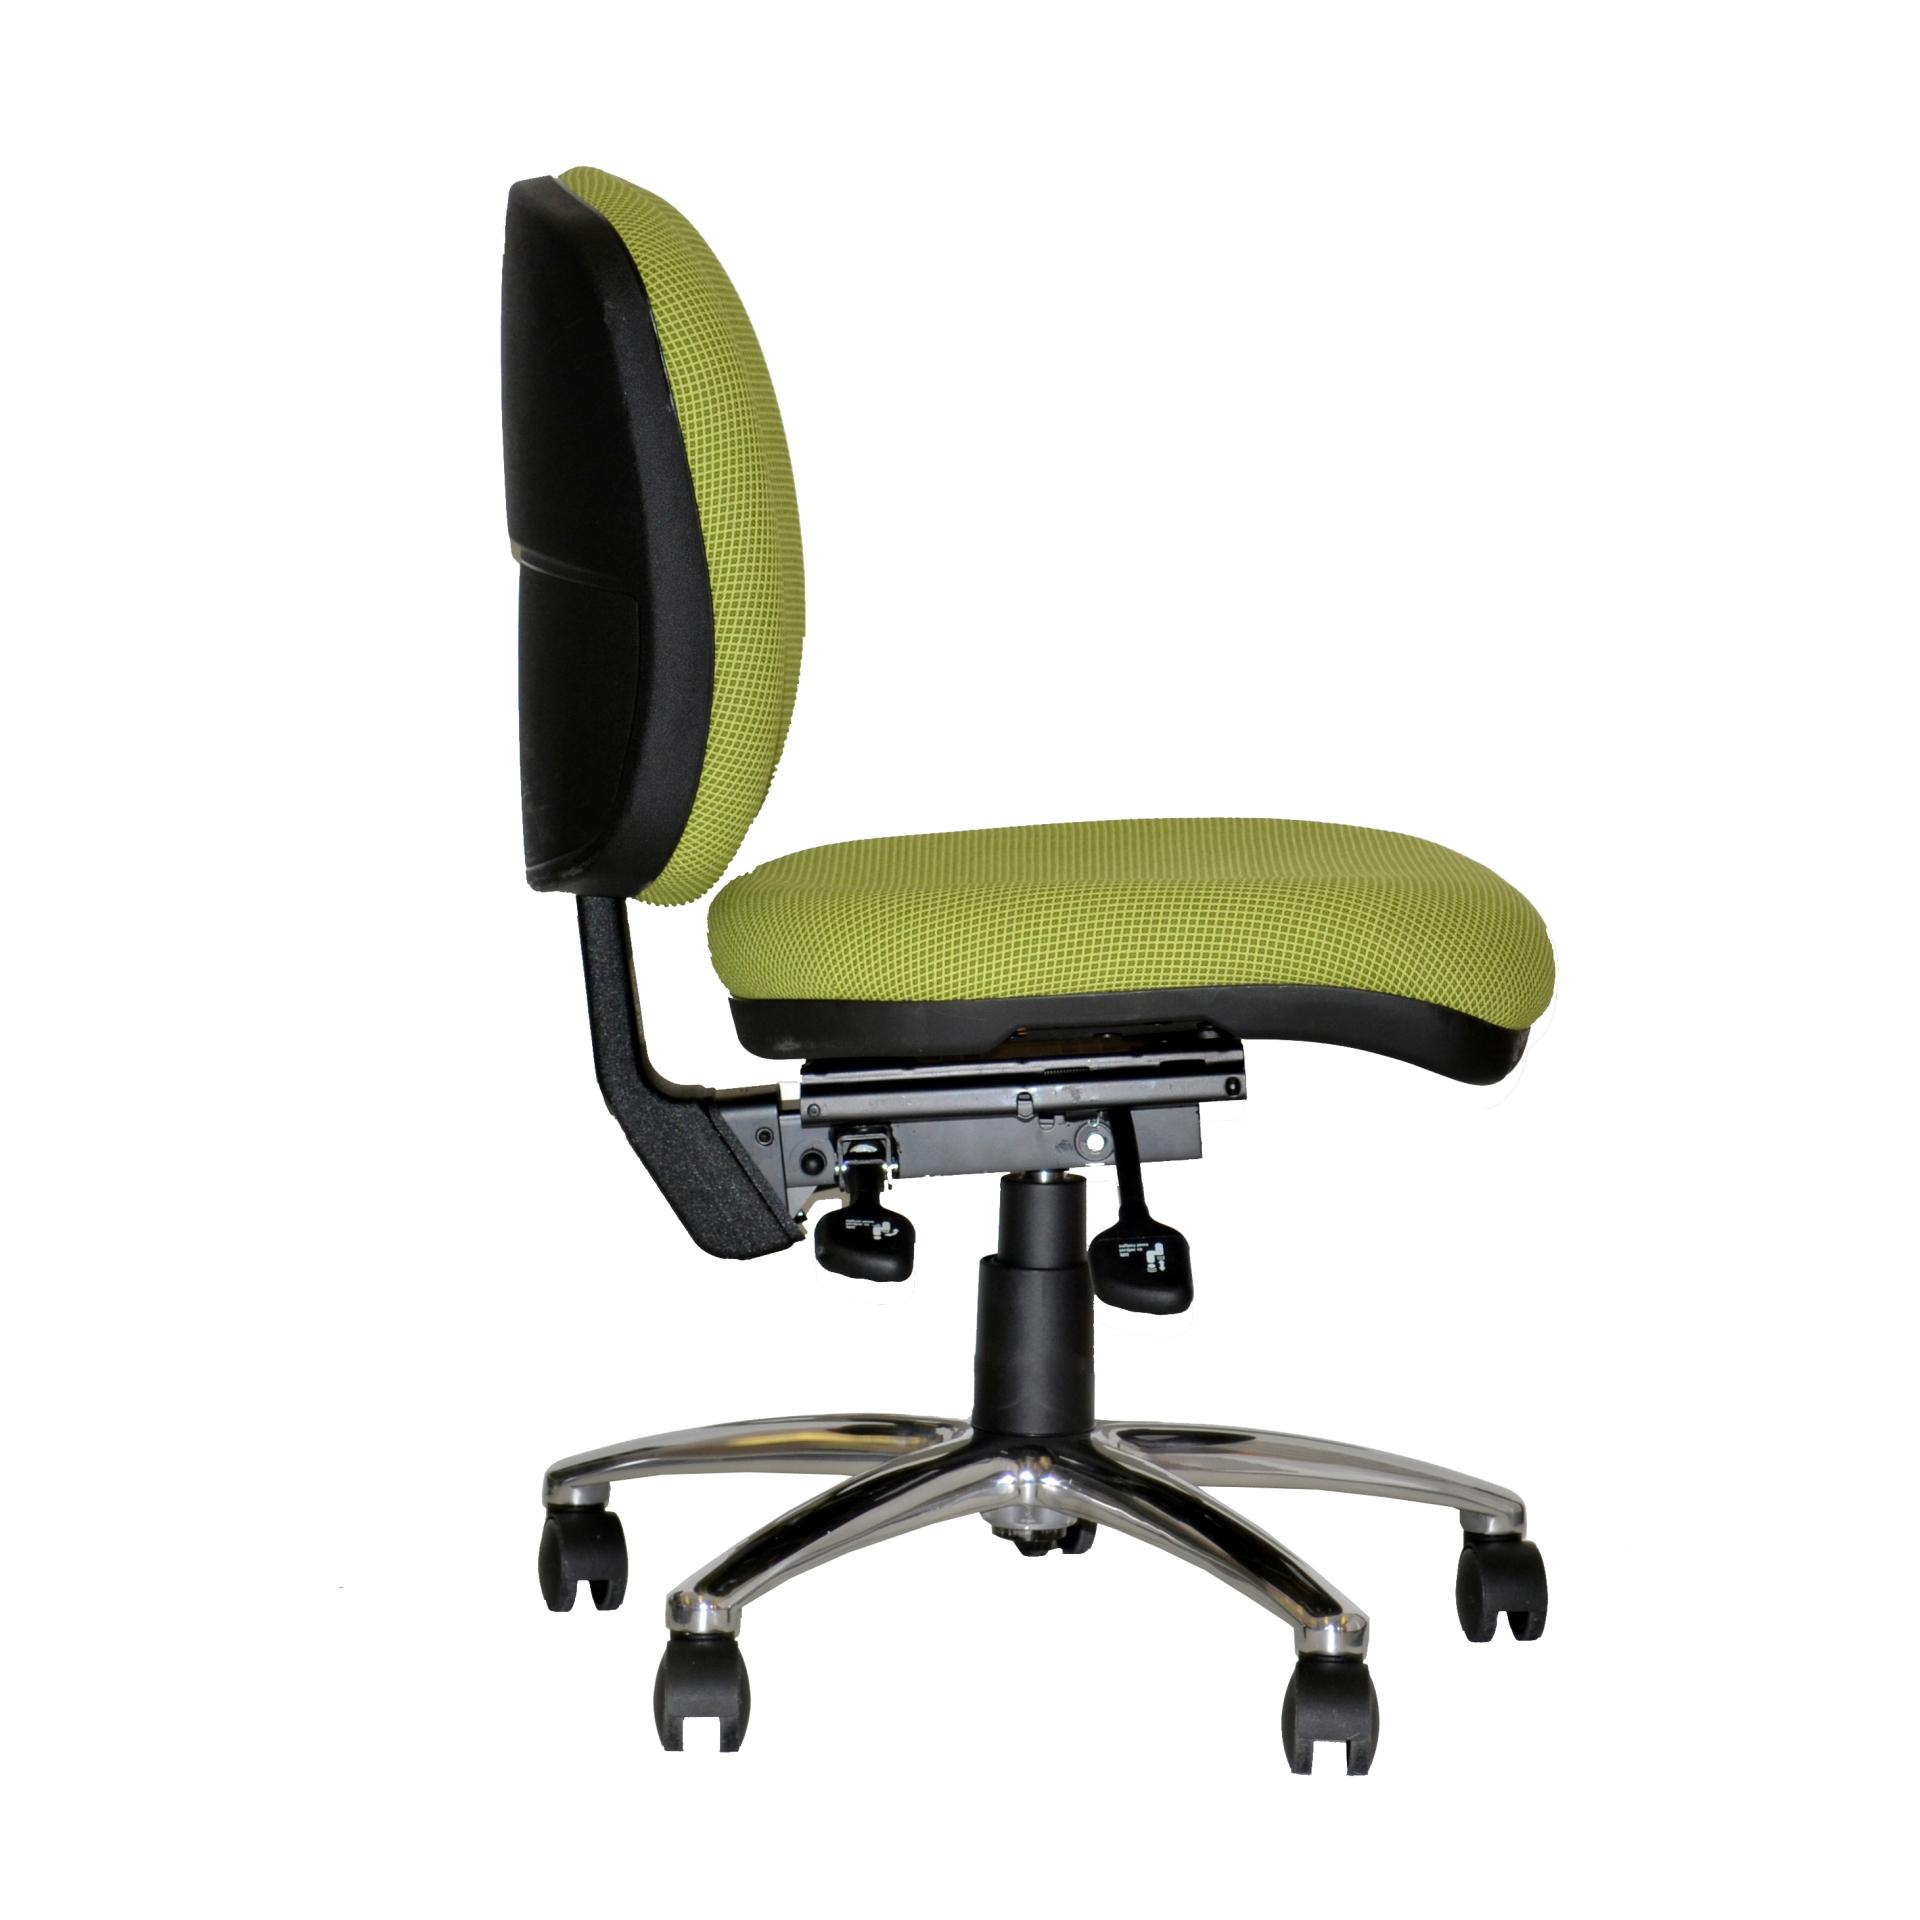 Direct Ergonomics | Sydney Office Furniture | Ergonomic Furniture | Ergonomic Seating | Executive and Task Seating | Ergonomic Chair | Ezone Plus